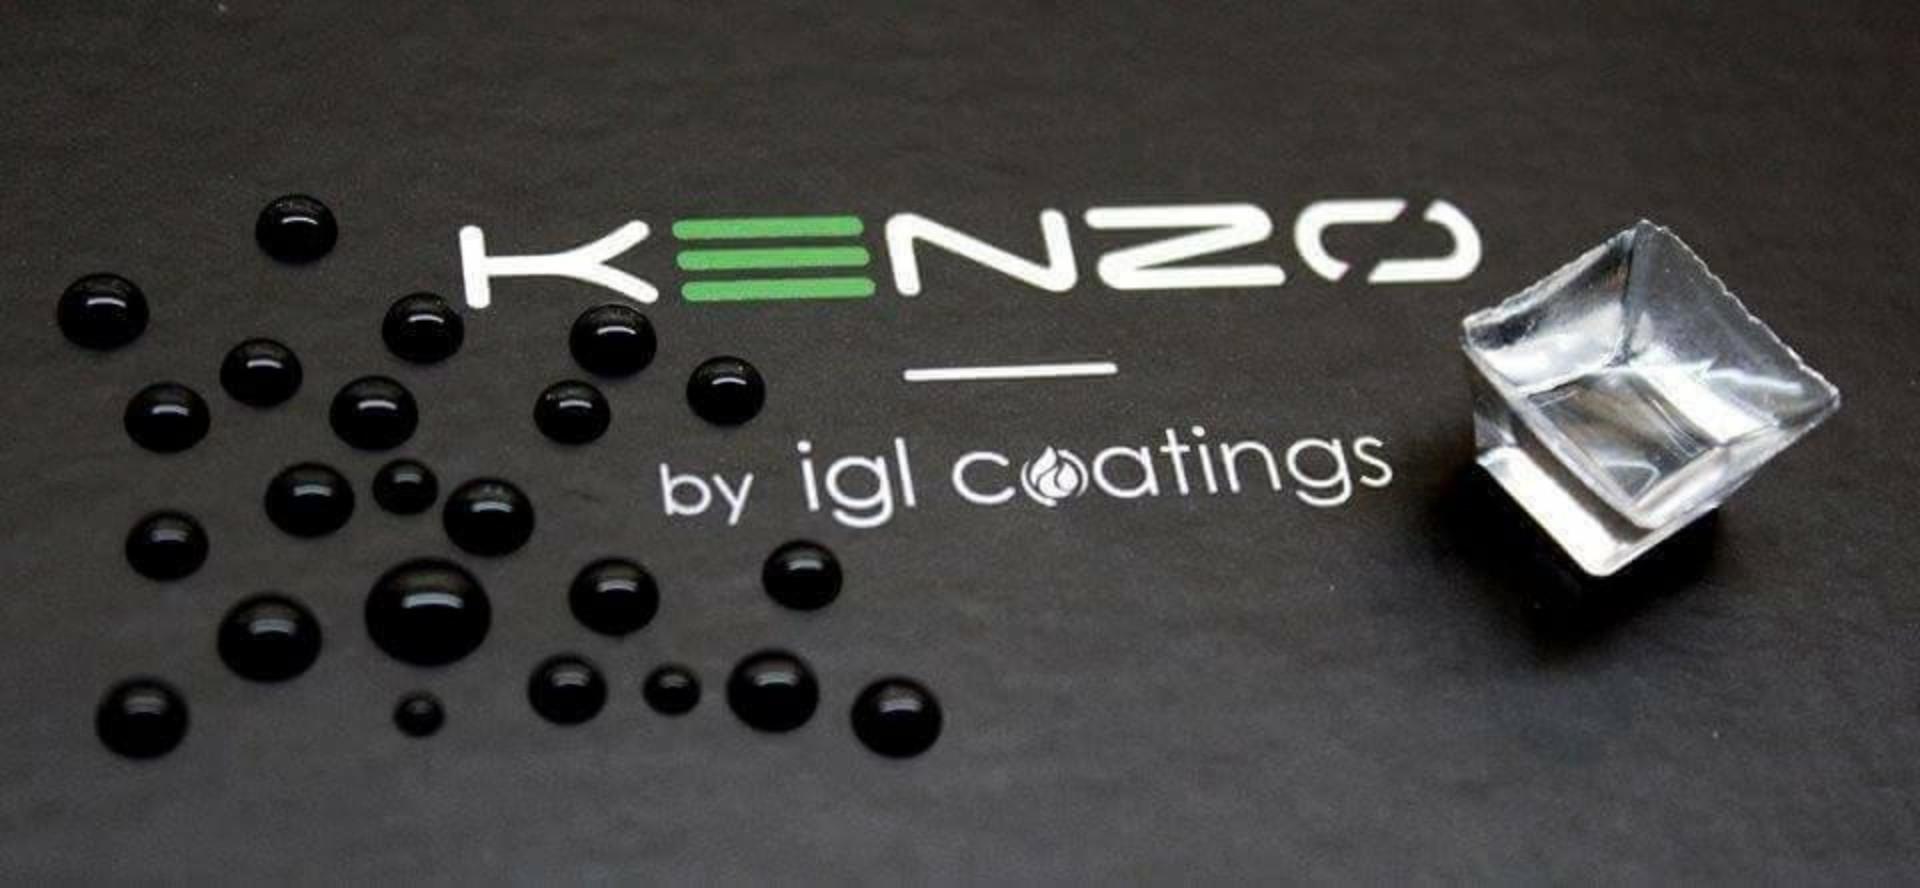 Kenzo by IGL Coatings